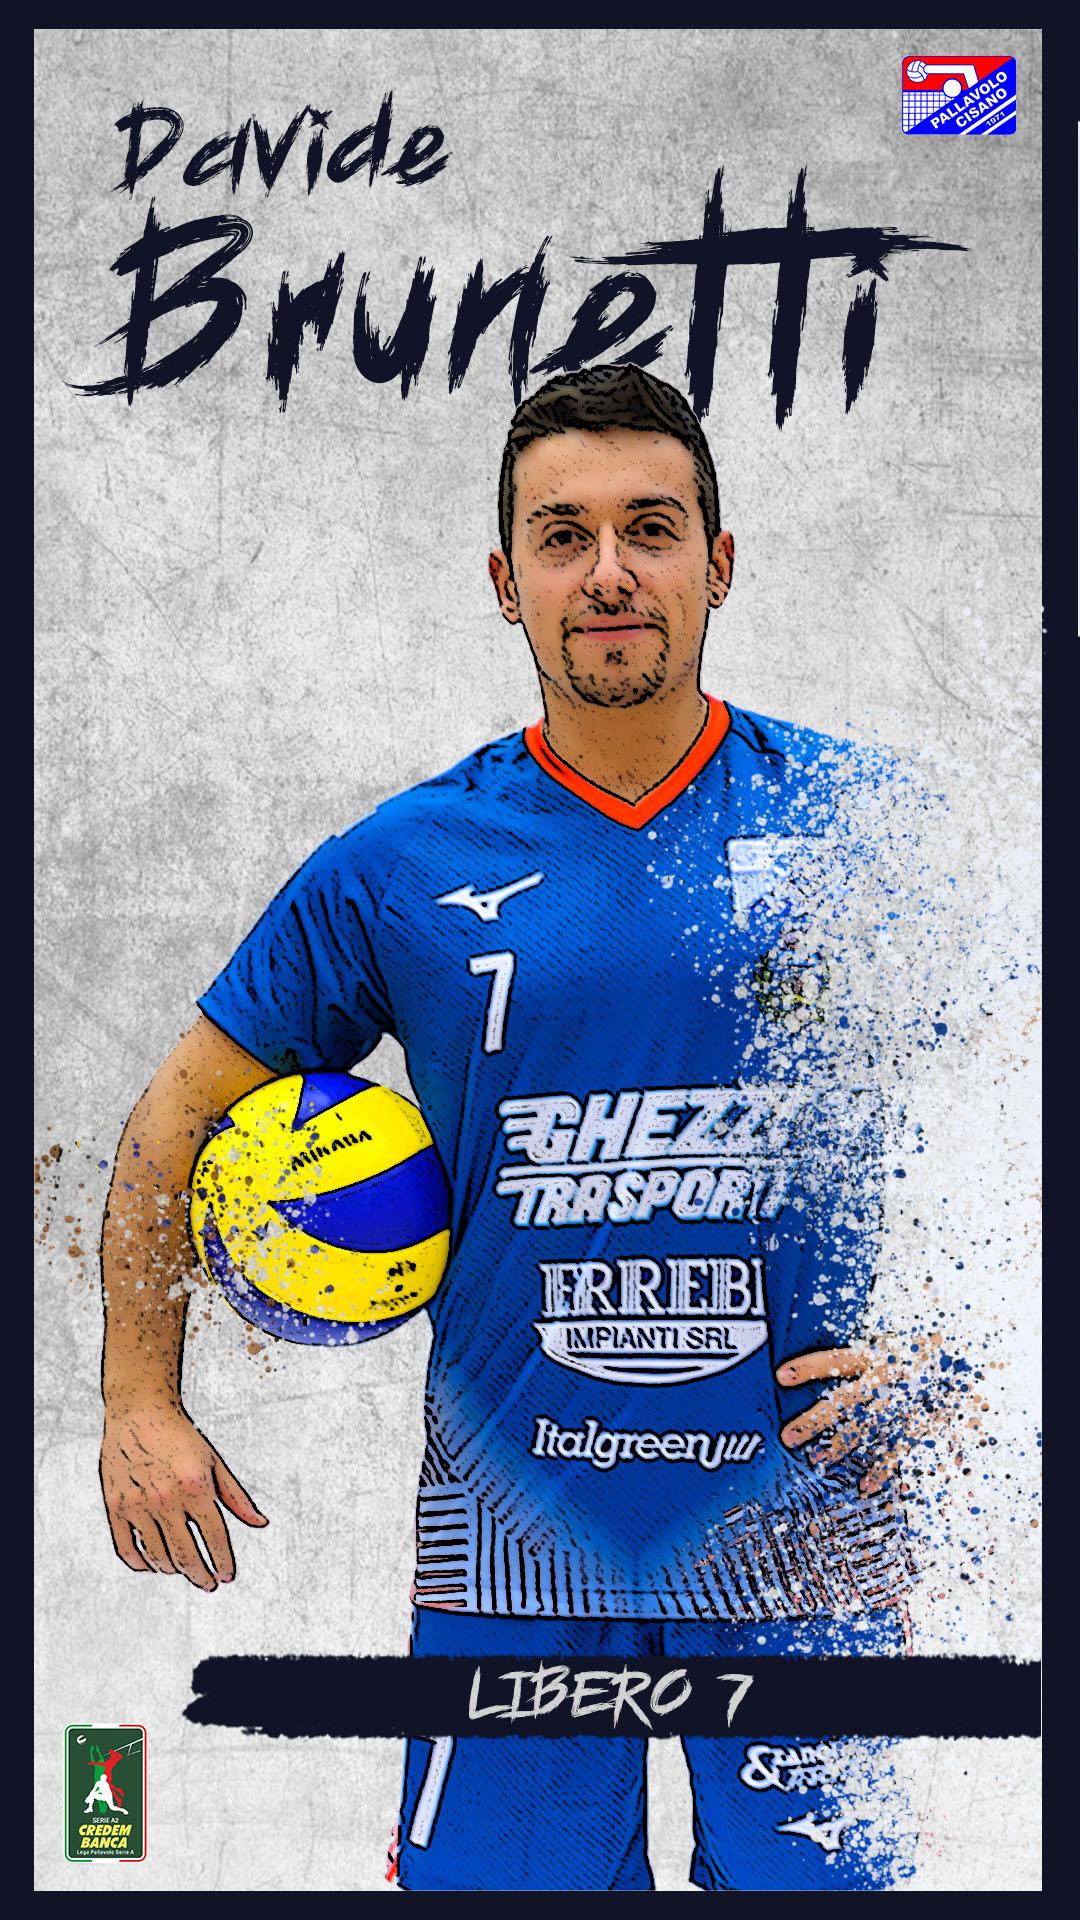 Wallpaper giocatori7-Brunetti